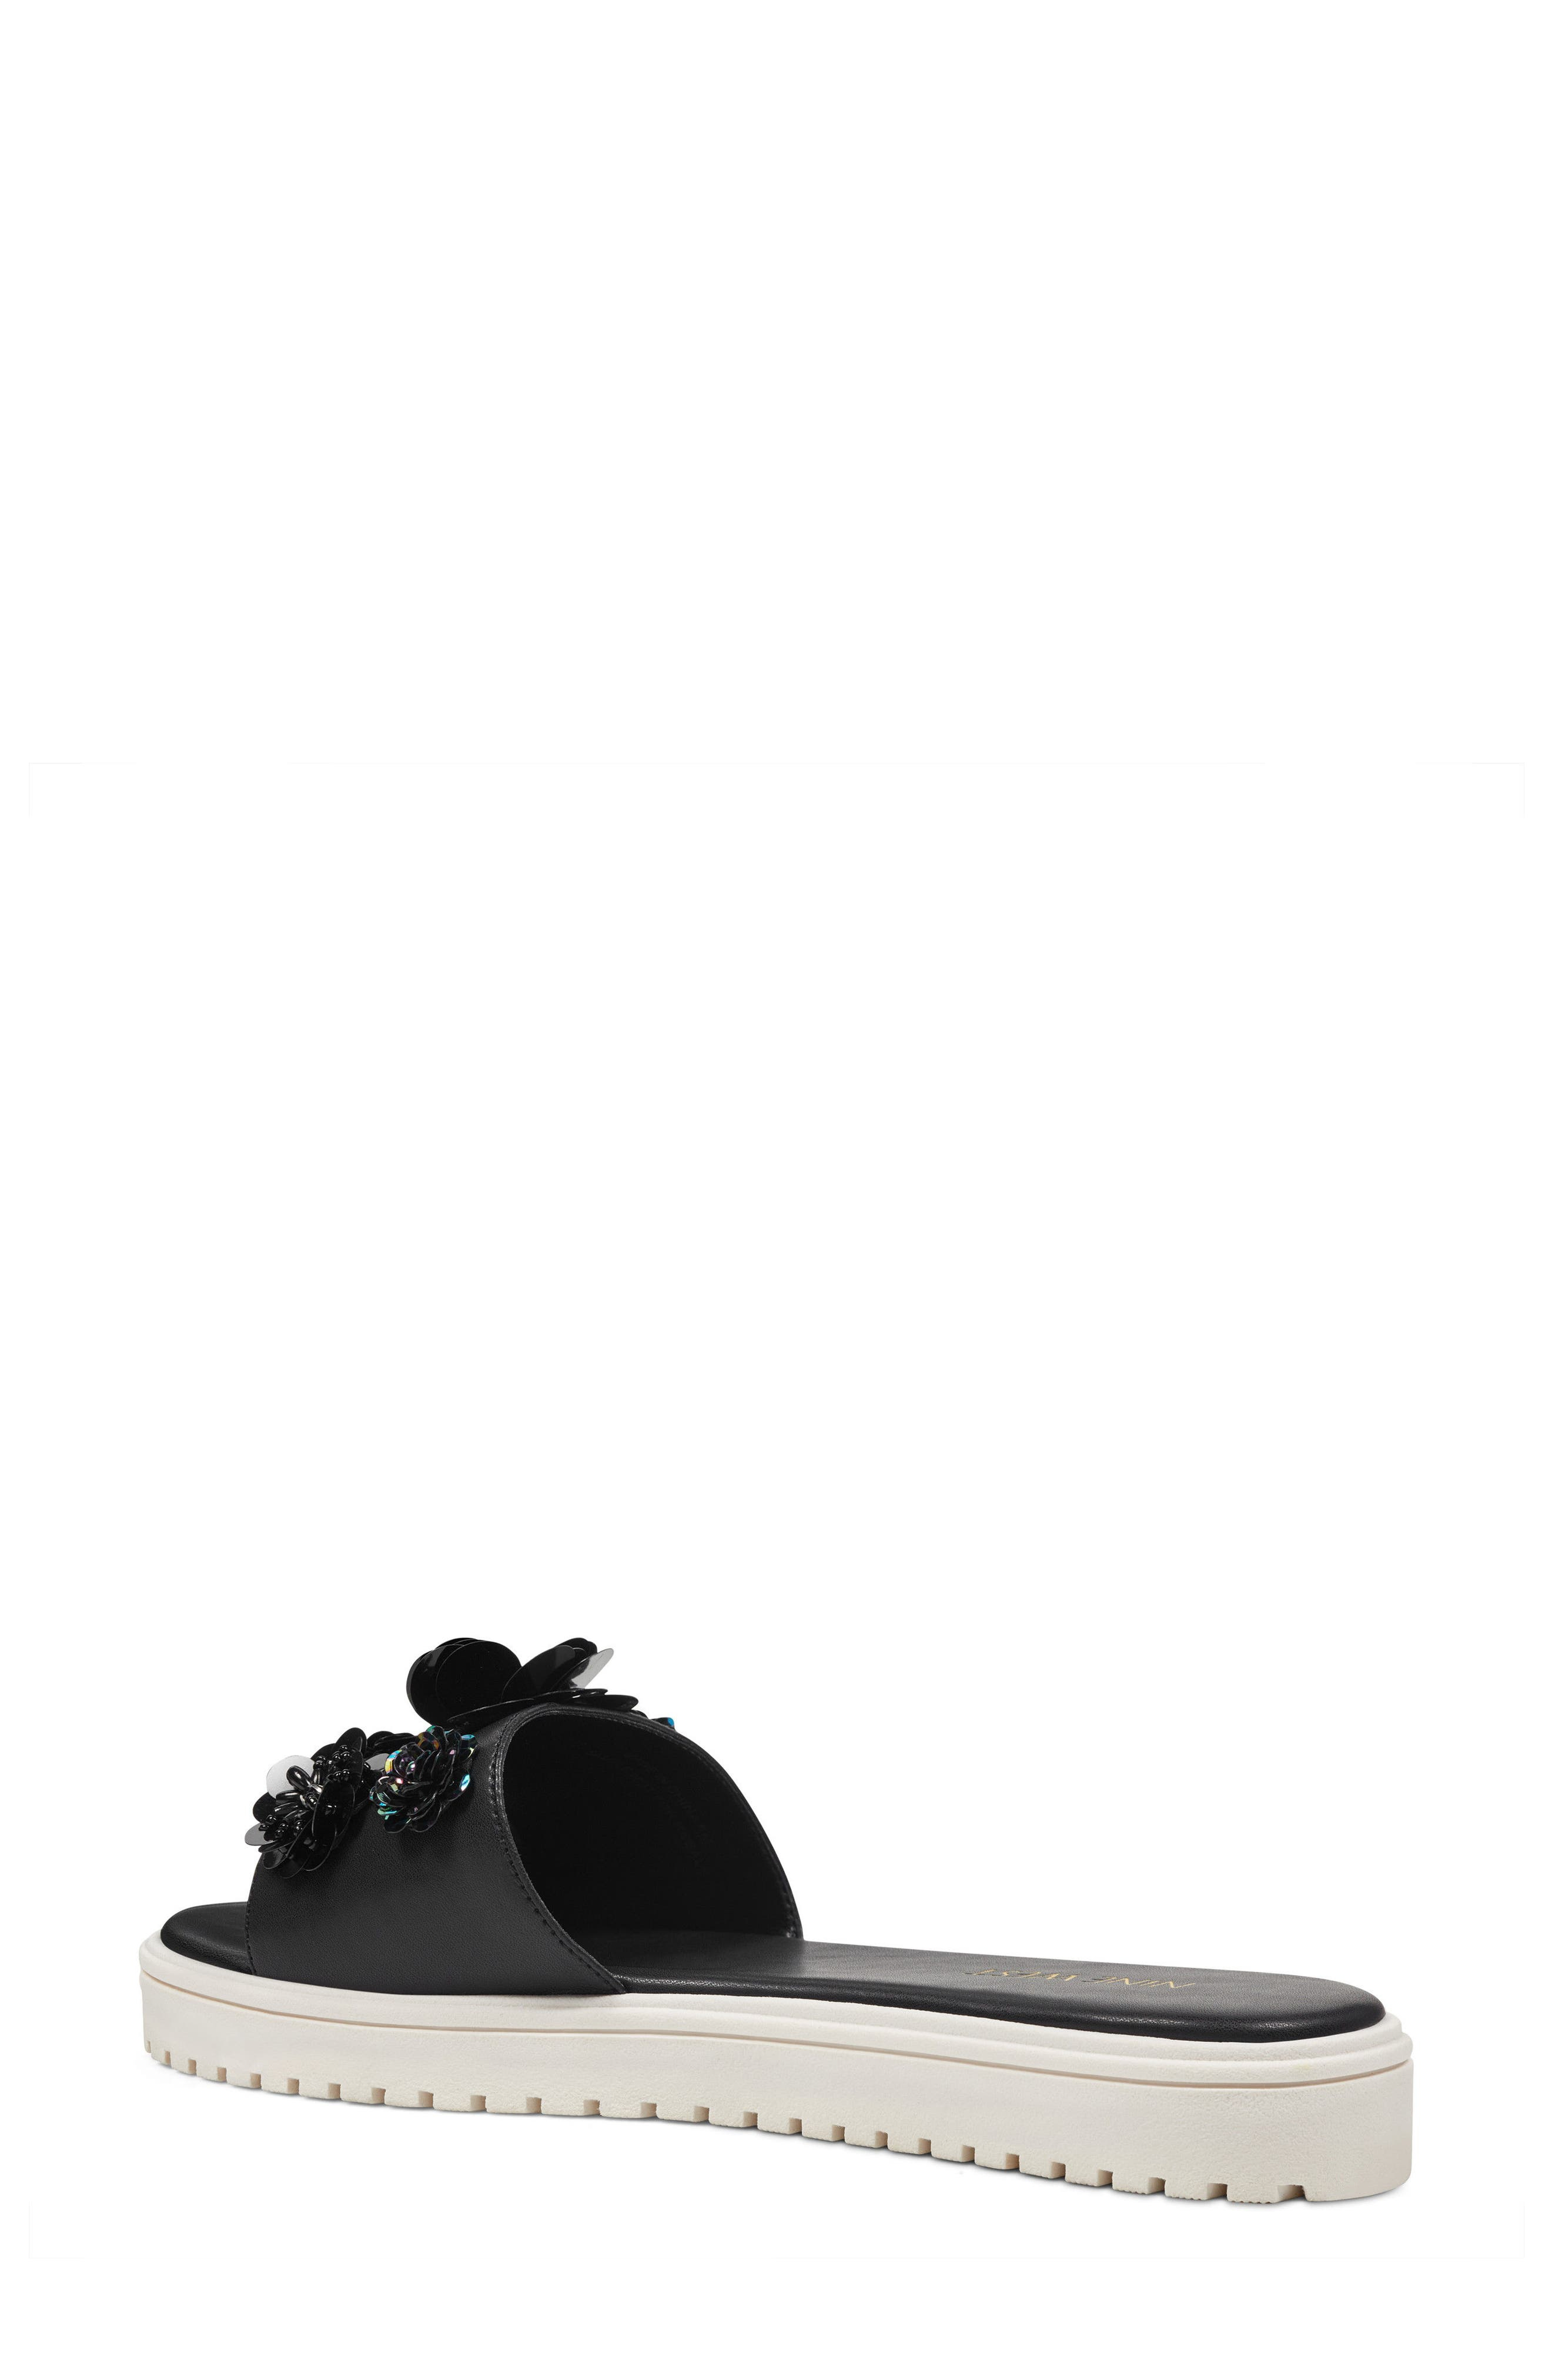 Rainen Flower Embellished Slide Sandal,                             Alternate thumbnail 2, color,                             001